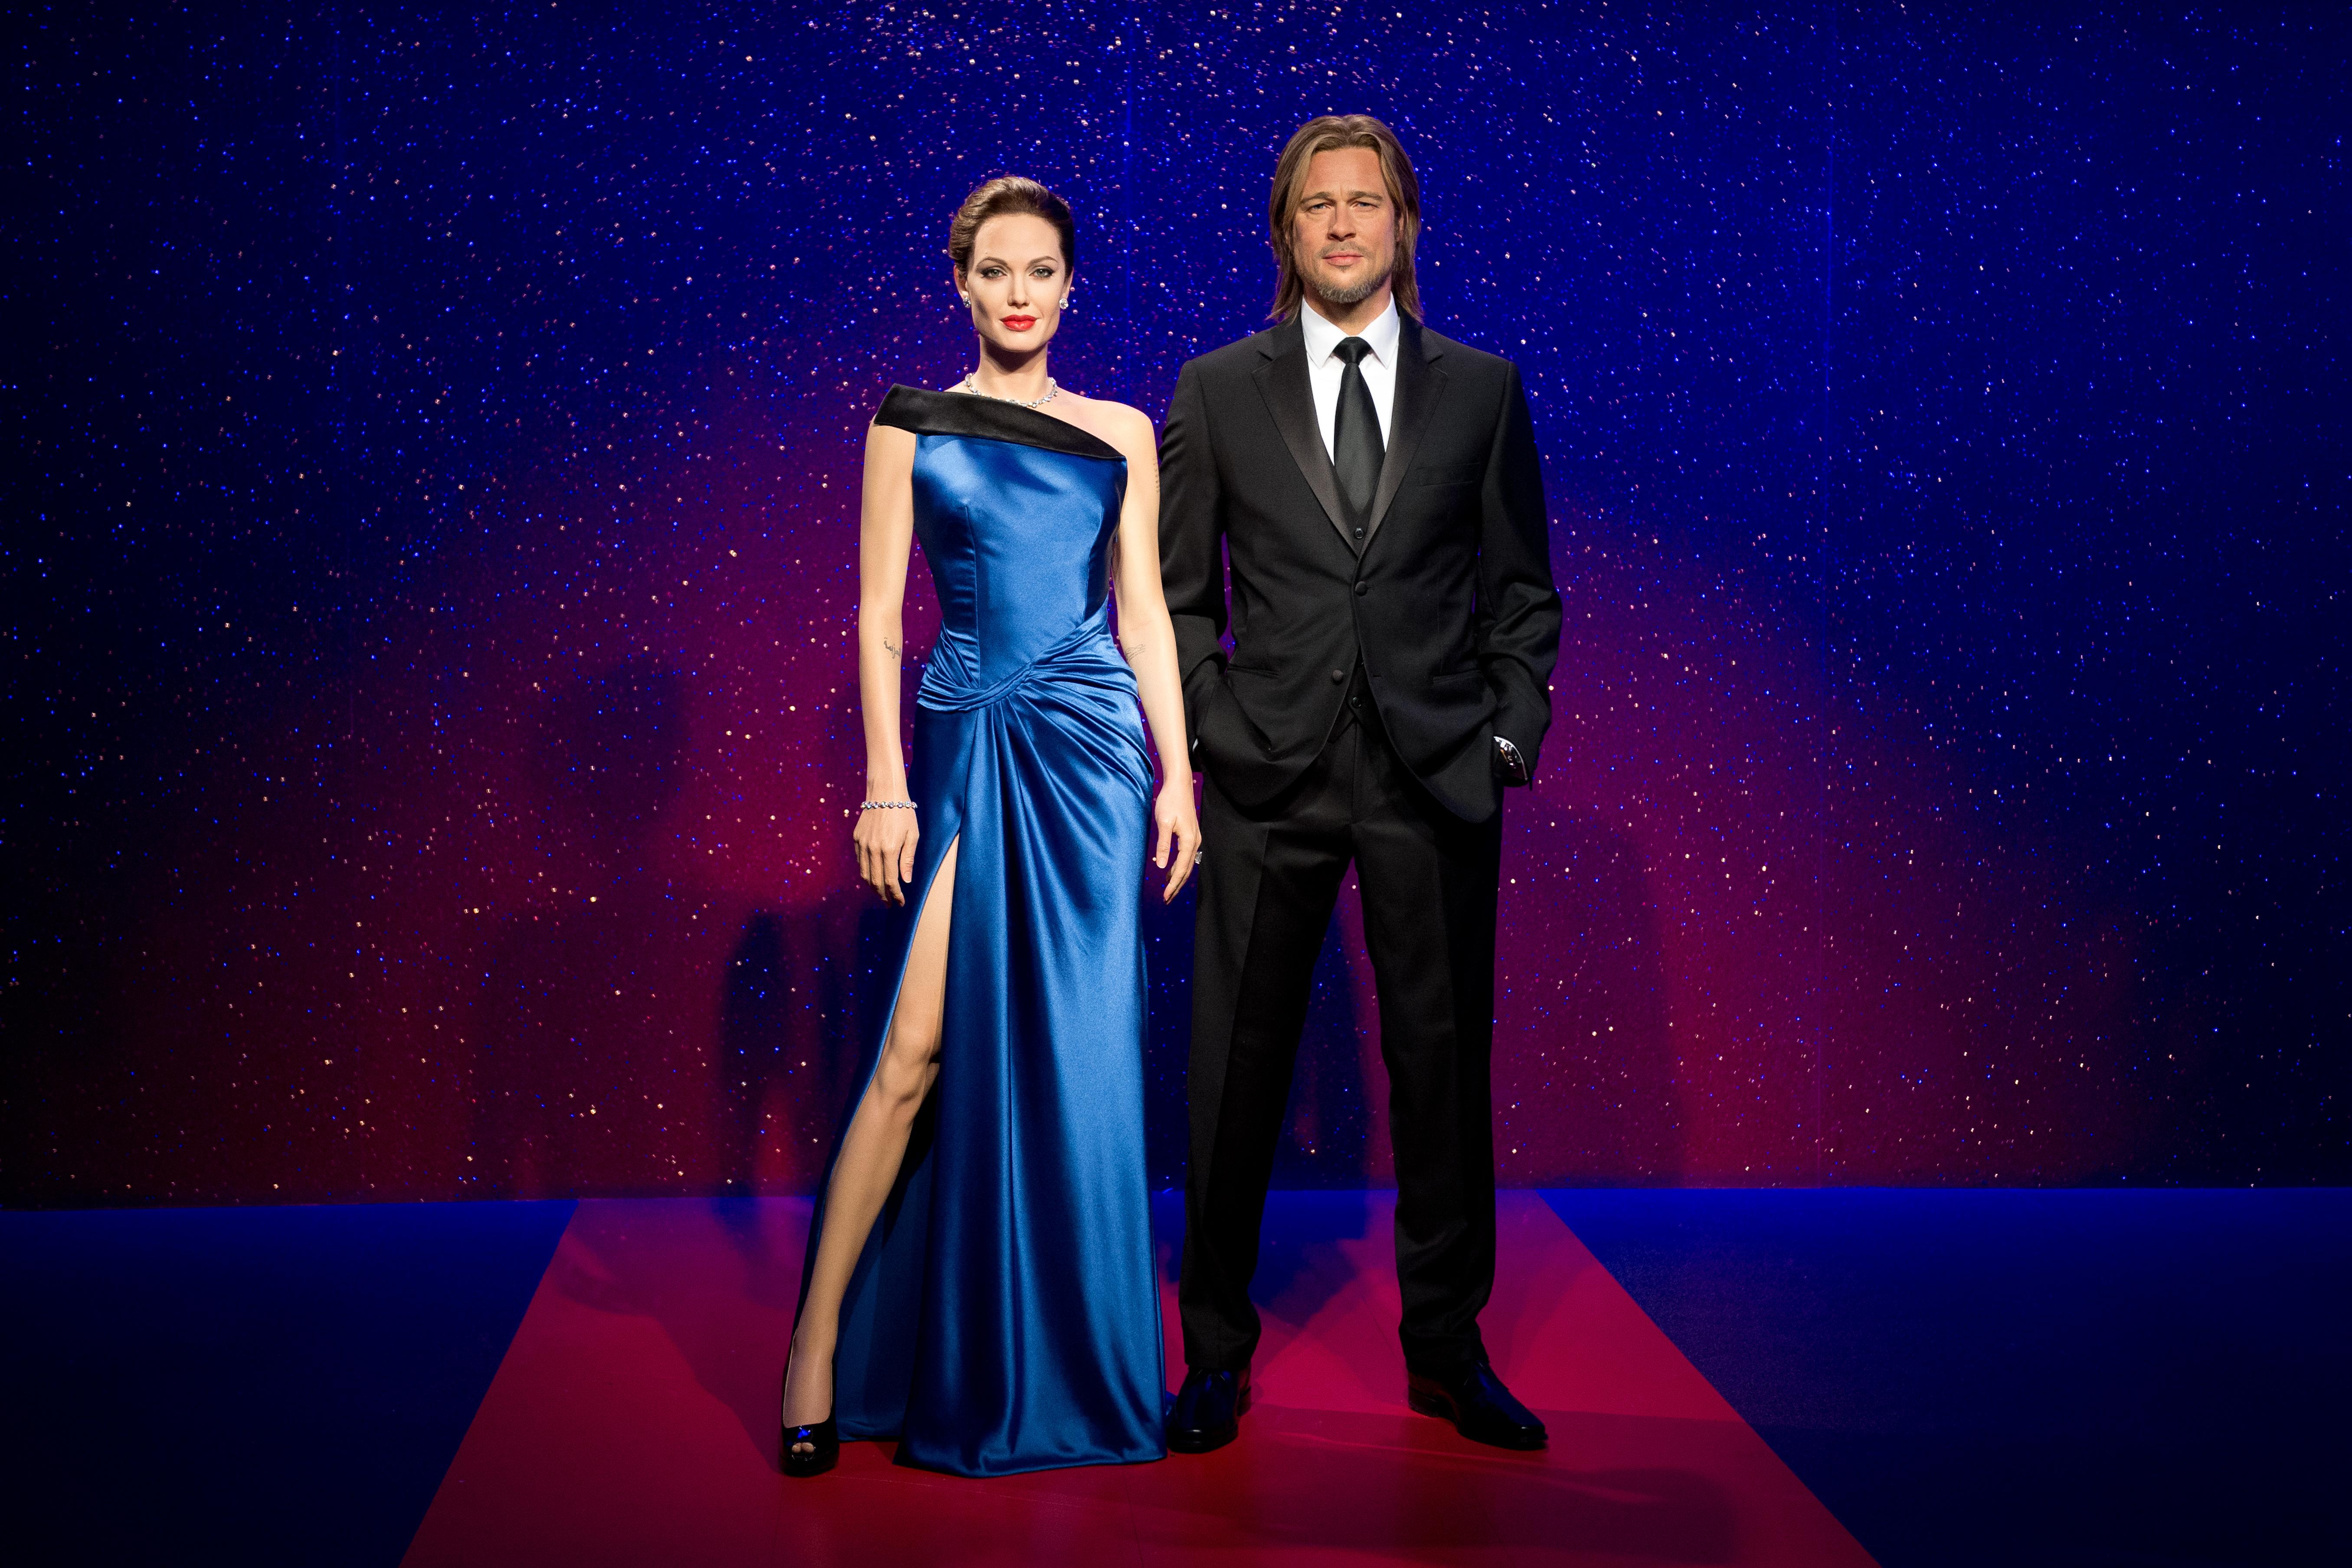 Elválasztották Angelina Jolie és Brad Pitt viaszszobrát